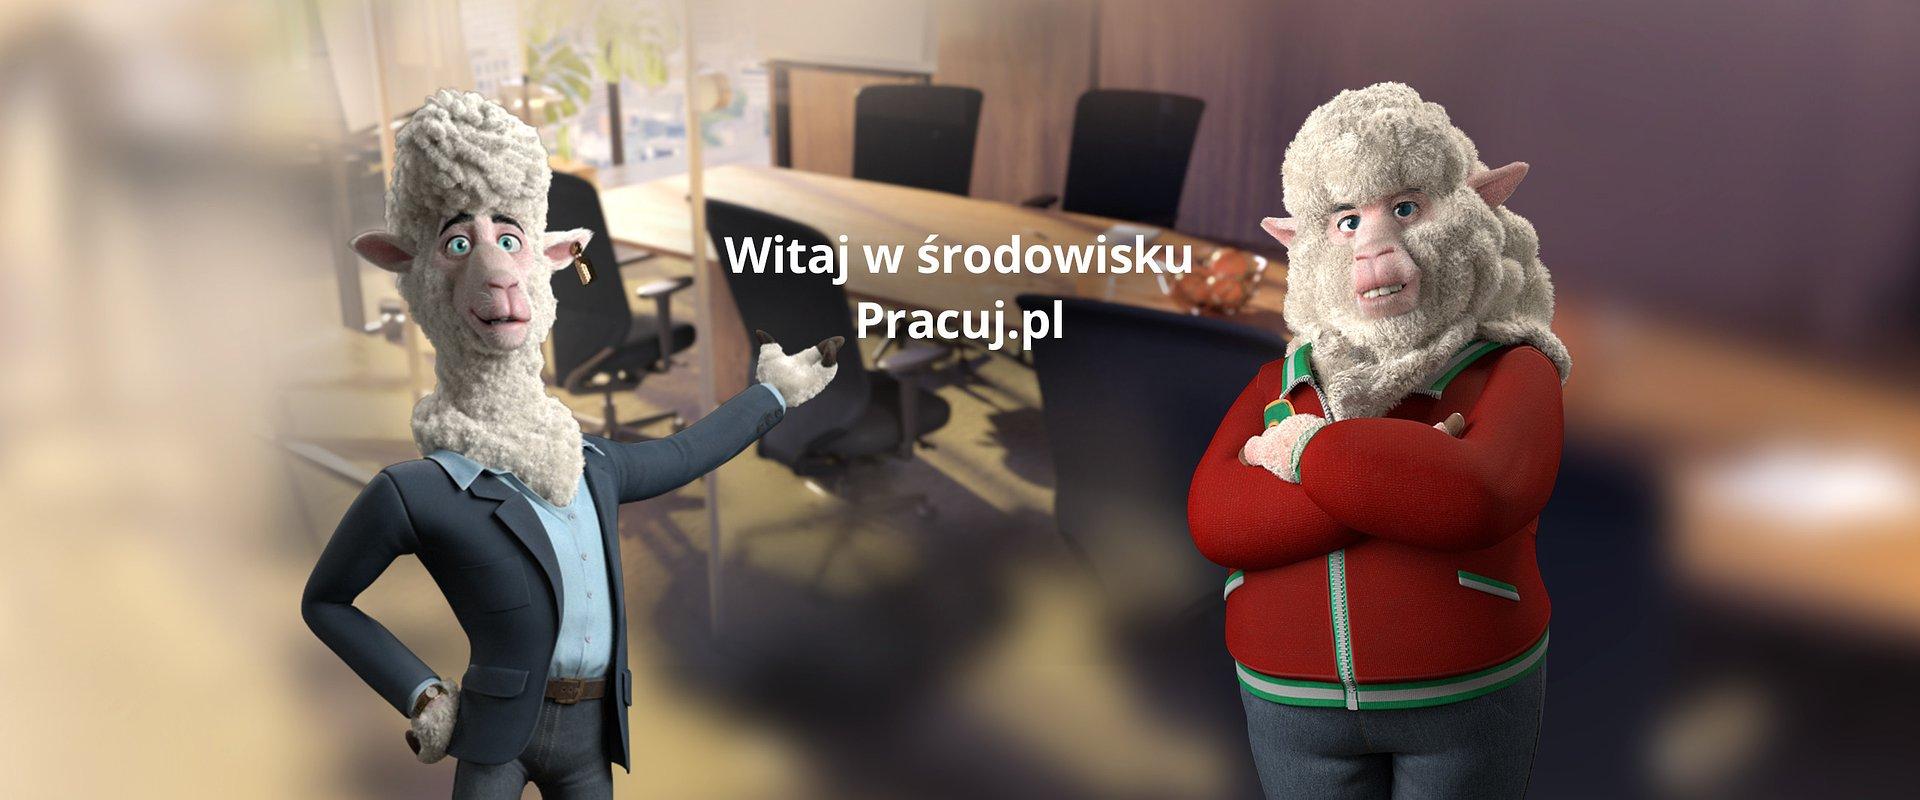 """""""W środowisku Pracuj.pl"""". Nowa kampania lidera cyfrowego HR"""